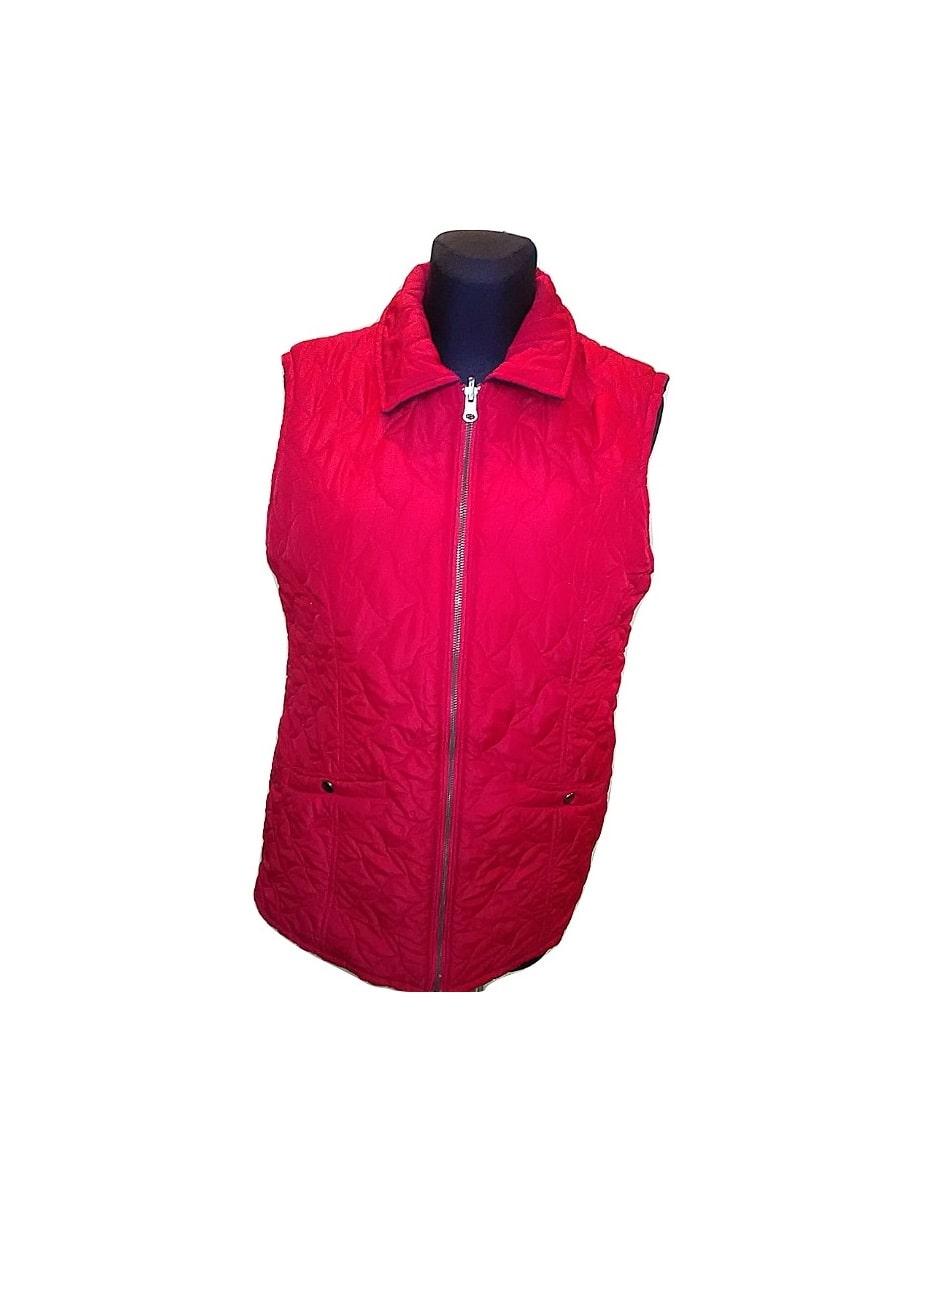 Moteriška raudona sportinė liemenė, 40 dydis